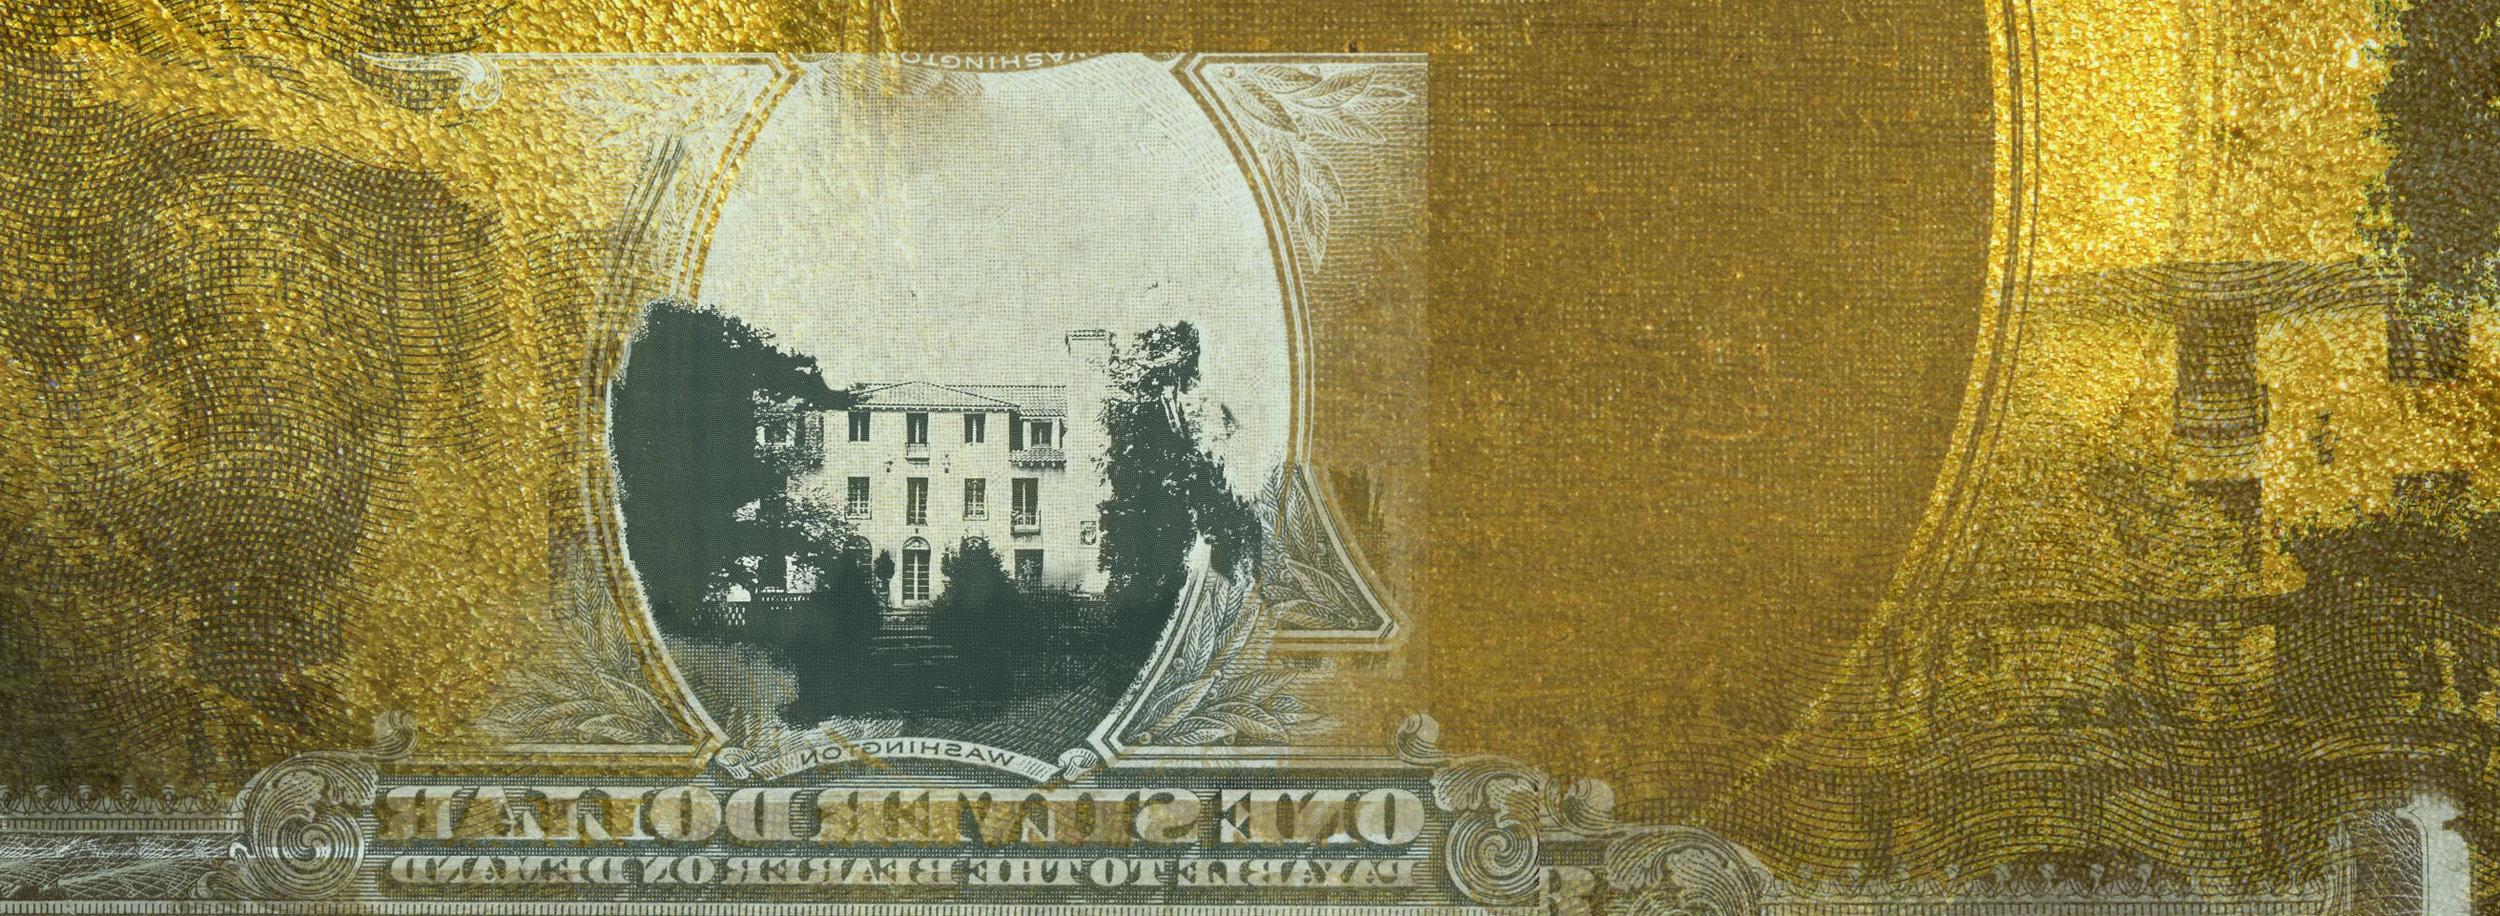 house_order_08_gold.jpg